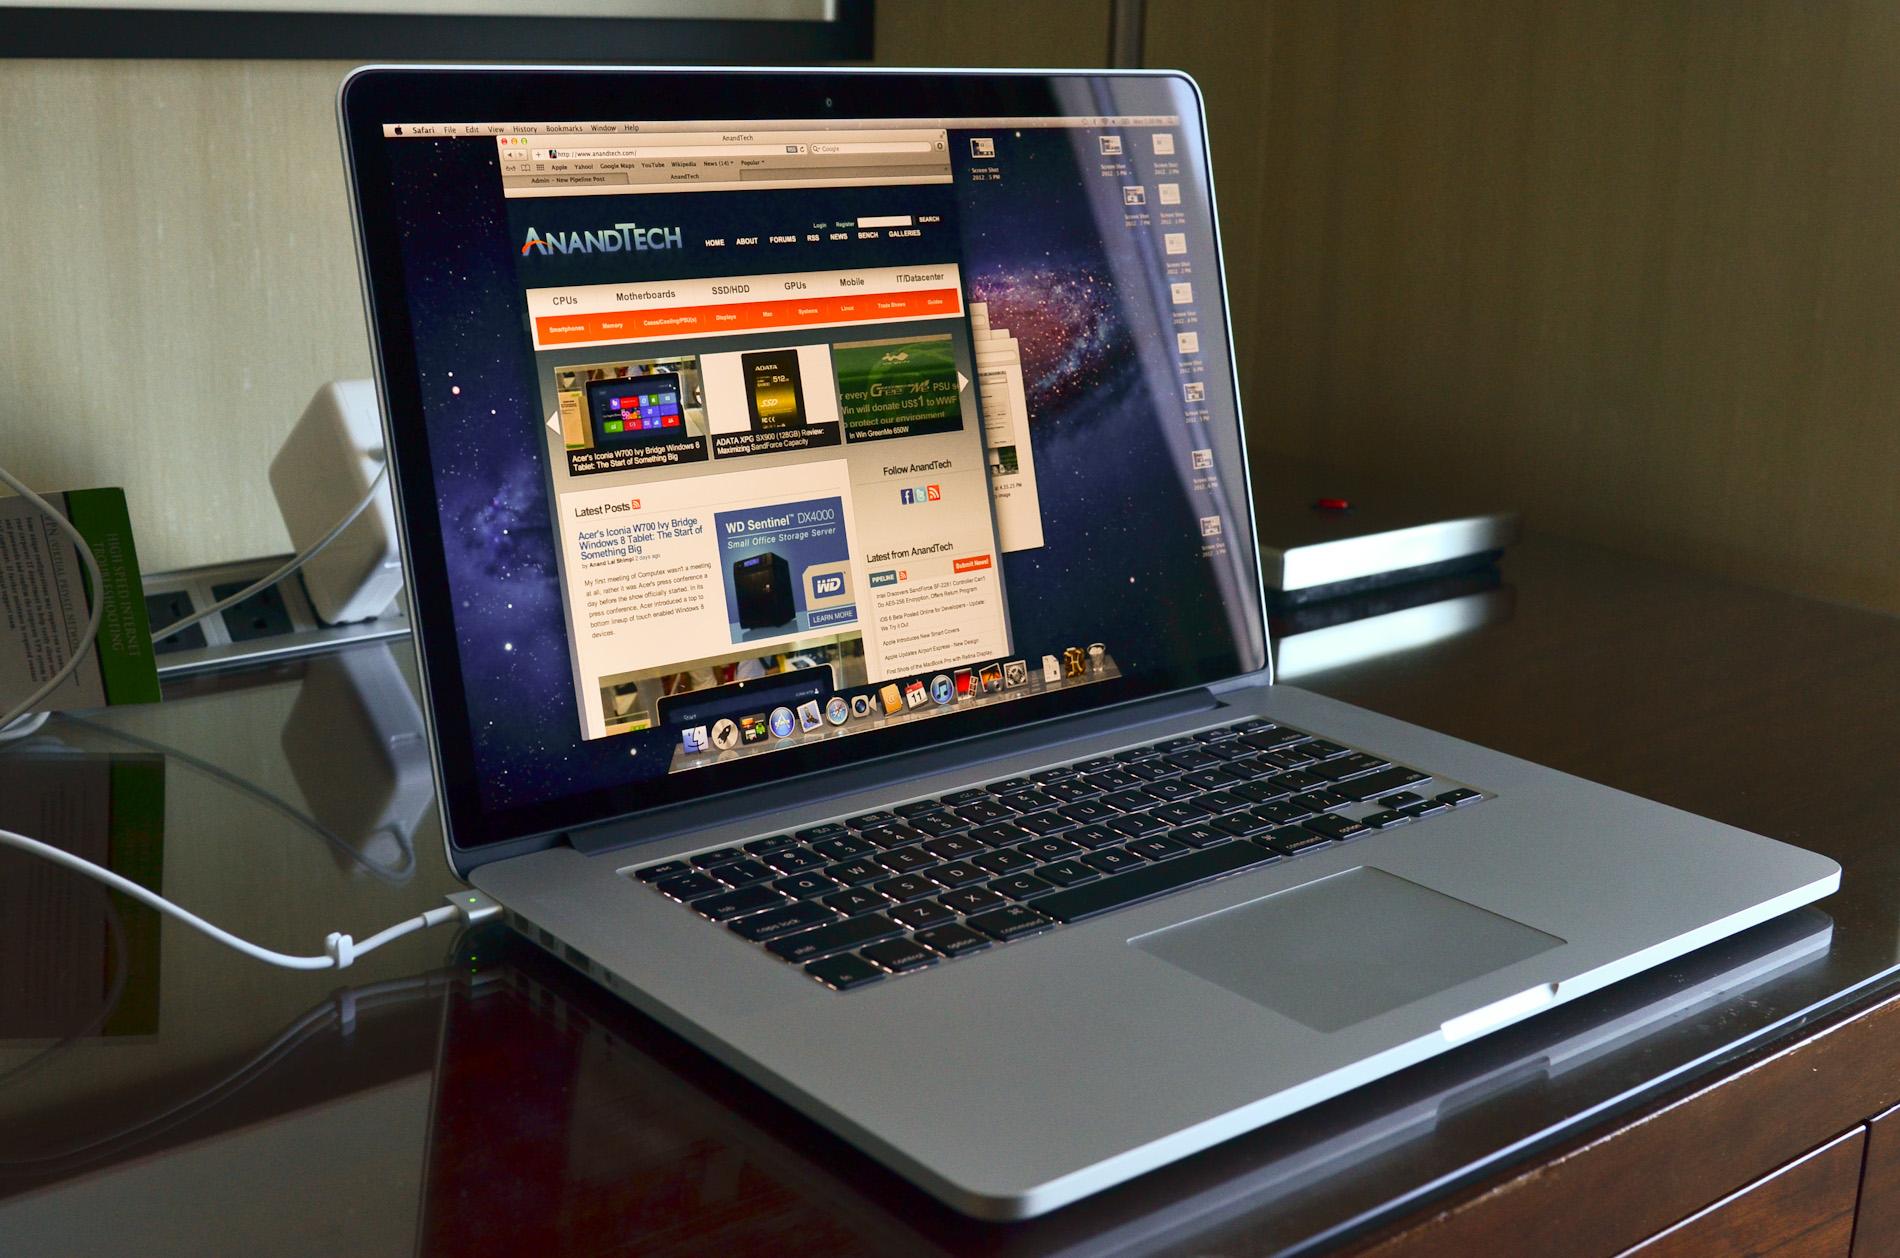 macbook pro có khả năng tản nhiệt tốt